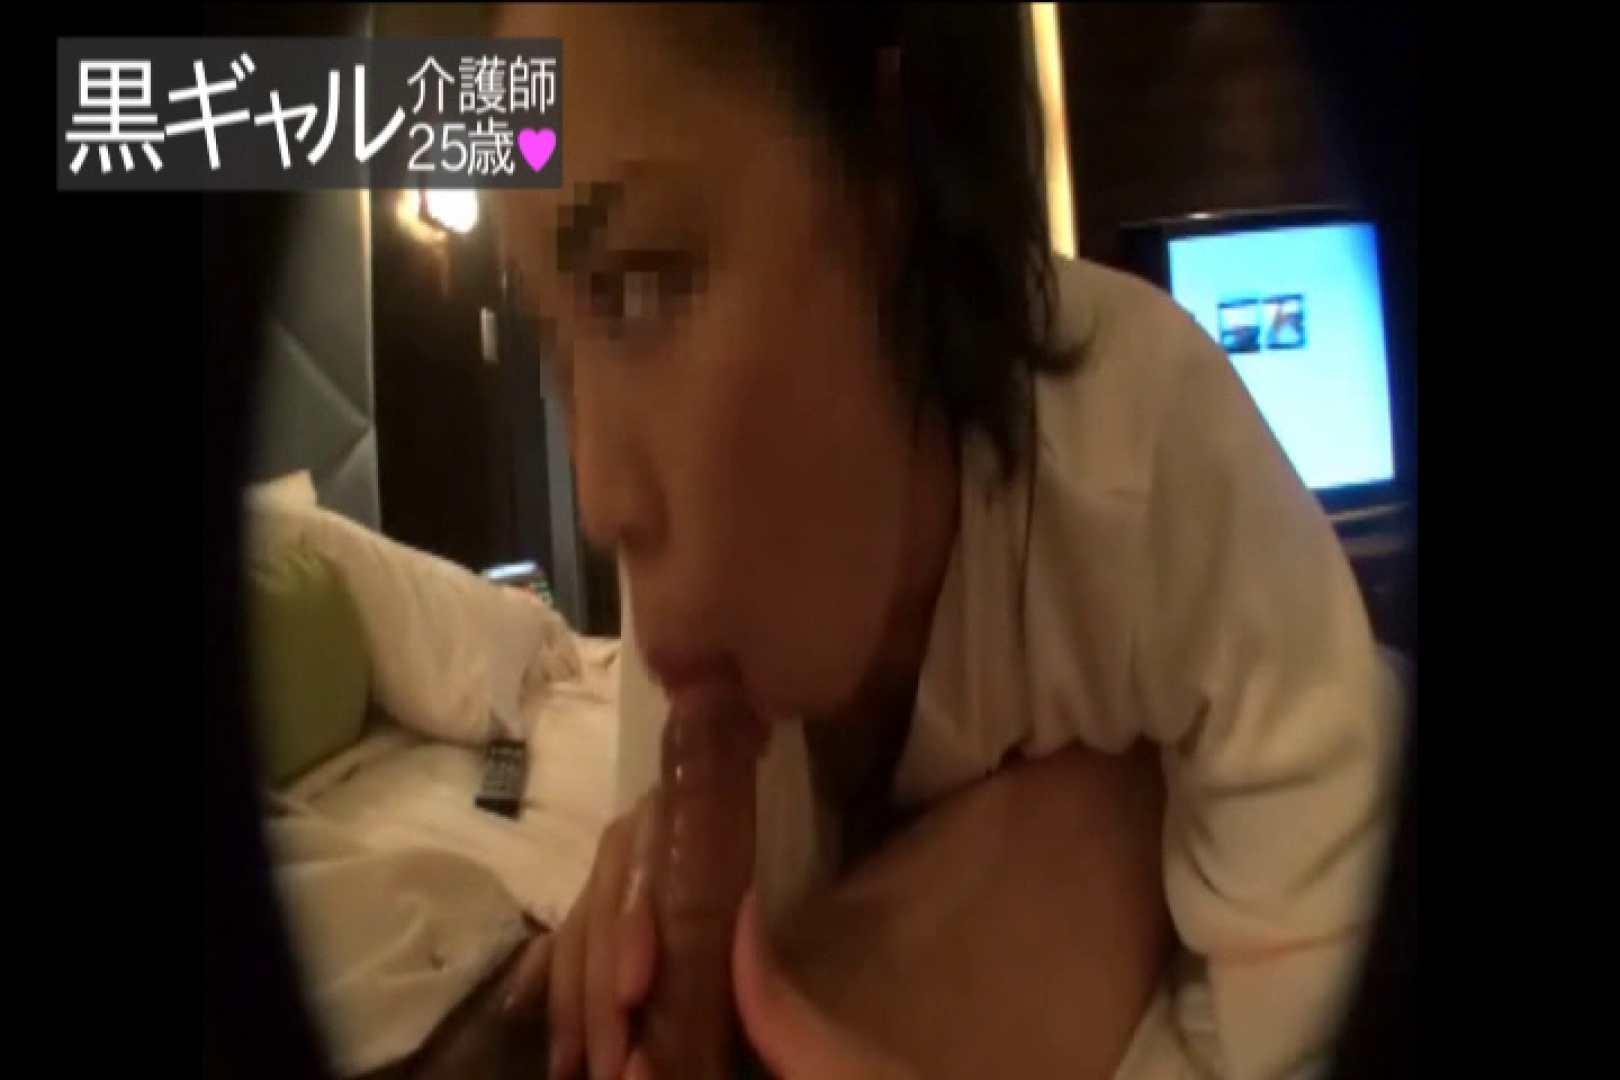 独占入手 従順M黒ギャル介護師25歳vol.5 電マ | 一般投稿  71画像 11